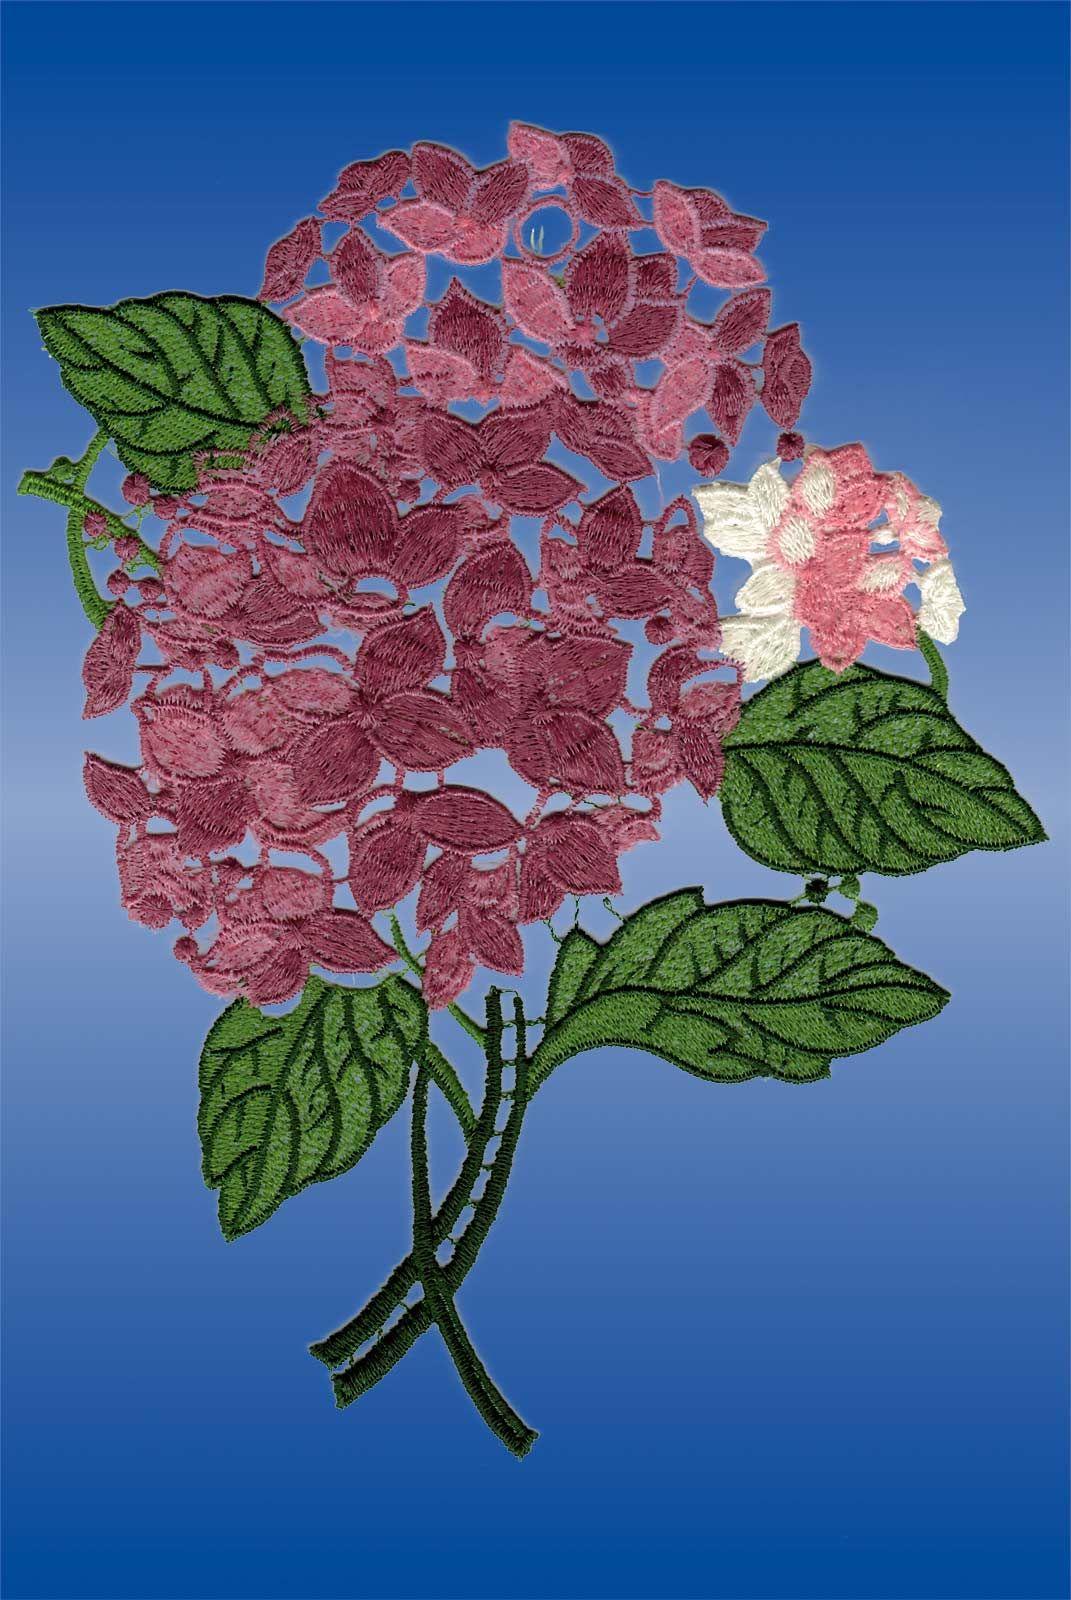 Fensterbilder Plauener Spitze Blumen günstig kaufen